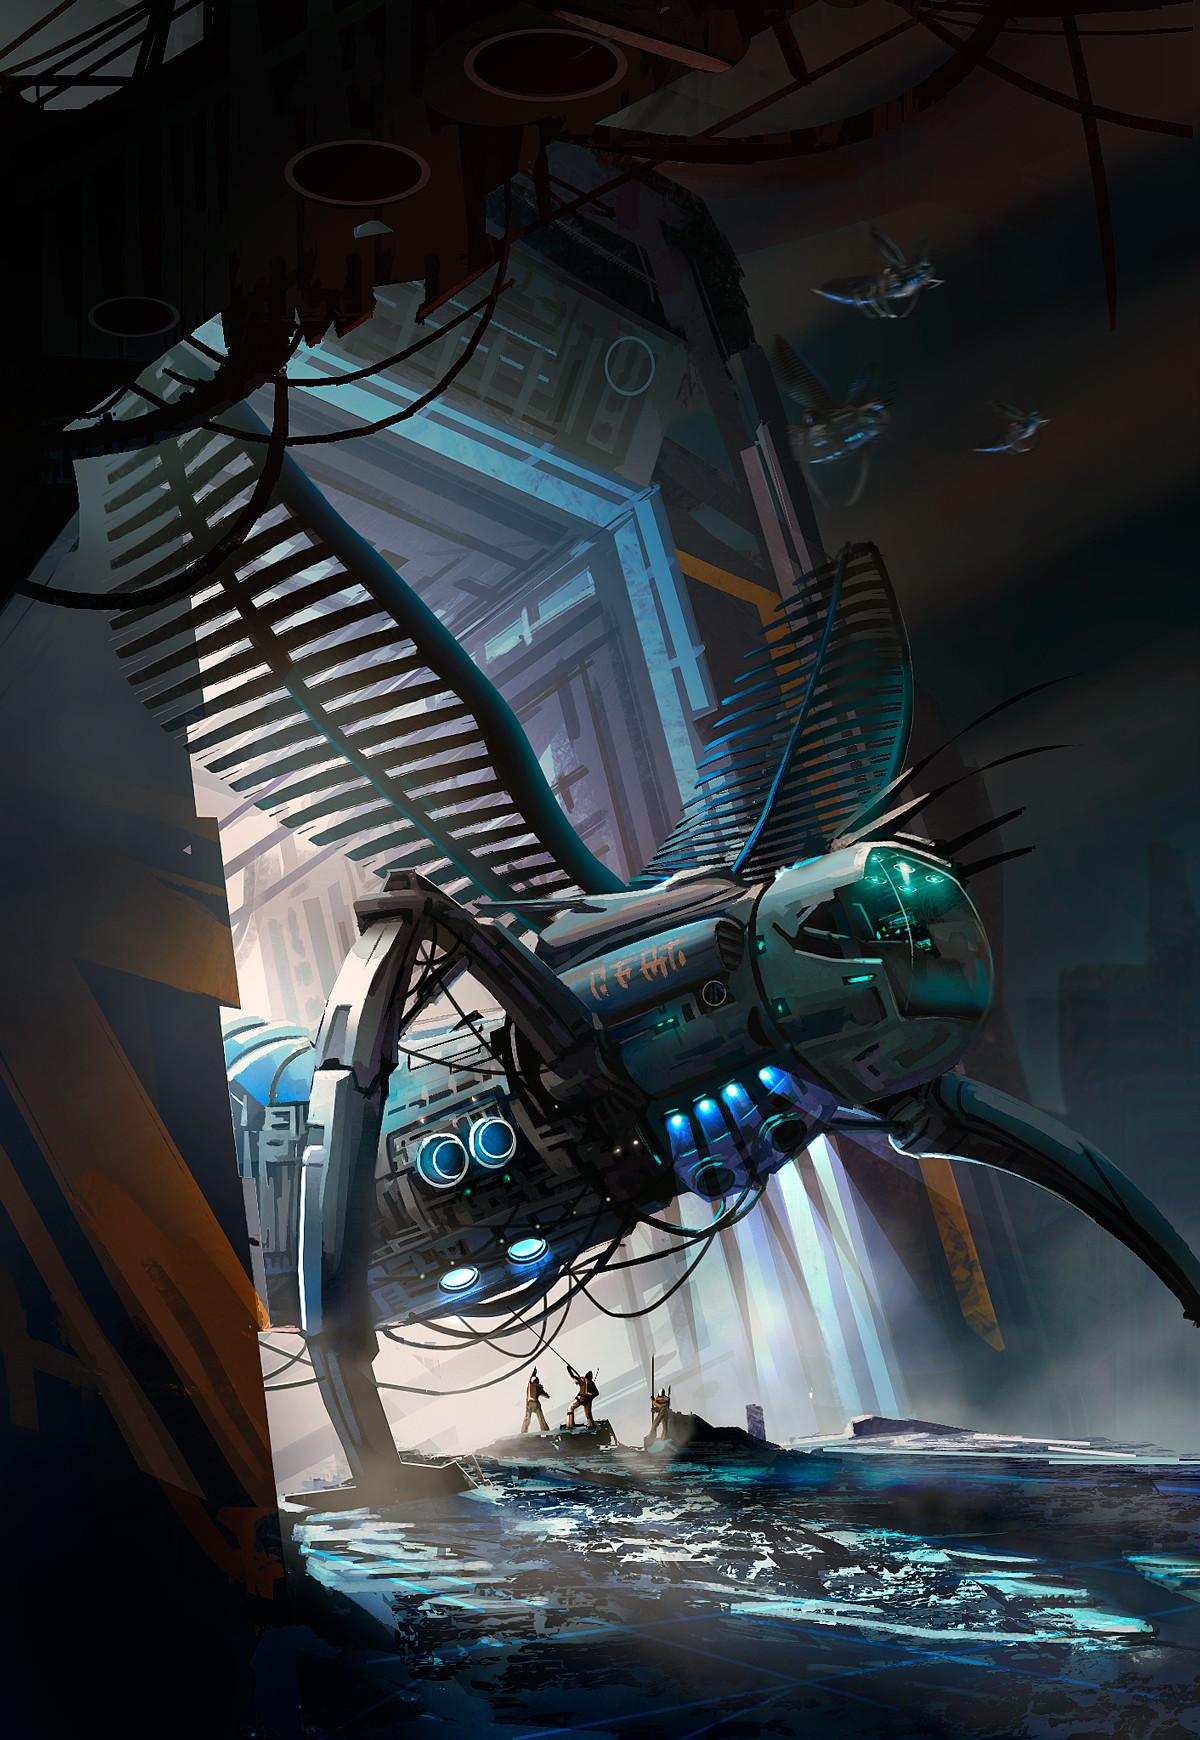 Nicolas chacin spaceinsectship